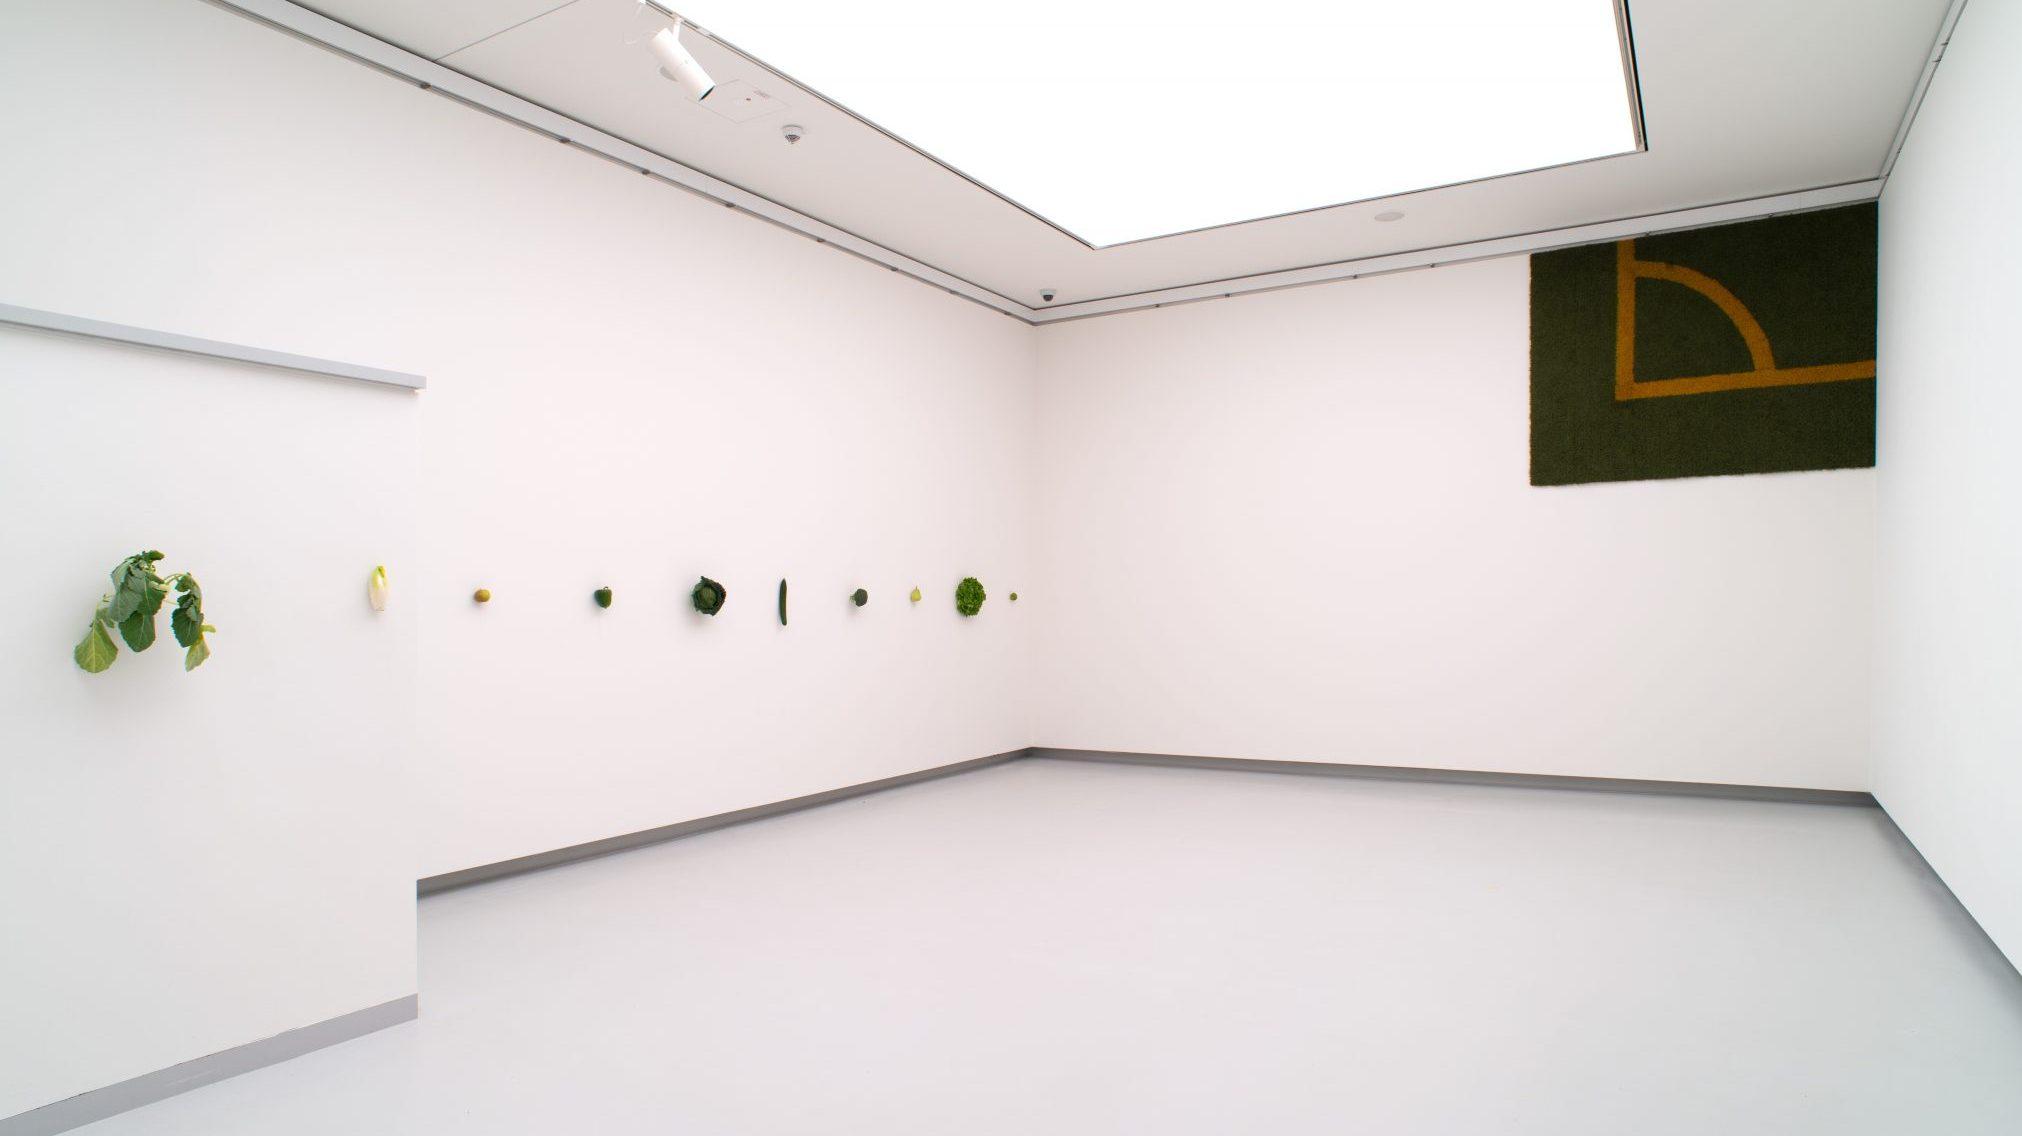 Installationsansichten der Ausstellung KARIN SANDER in der Kunsthalle Tübingen. Foto: Martin Lauffer Für die Werke von Karin Sander gilt: © Studio Karin Sander, VG Bild-Kunst, Bonn 2021